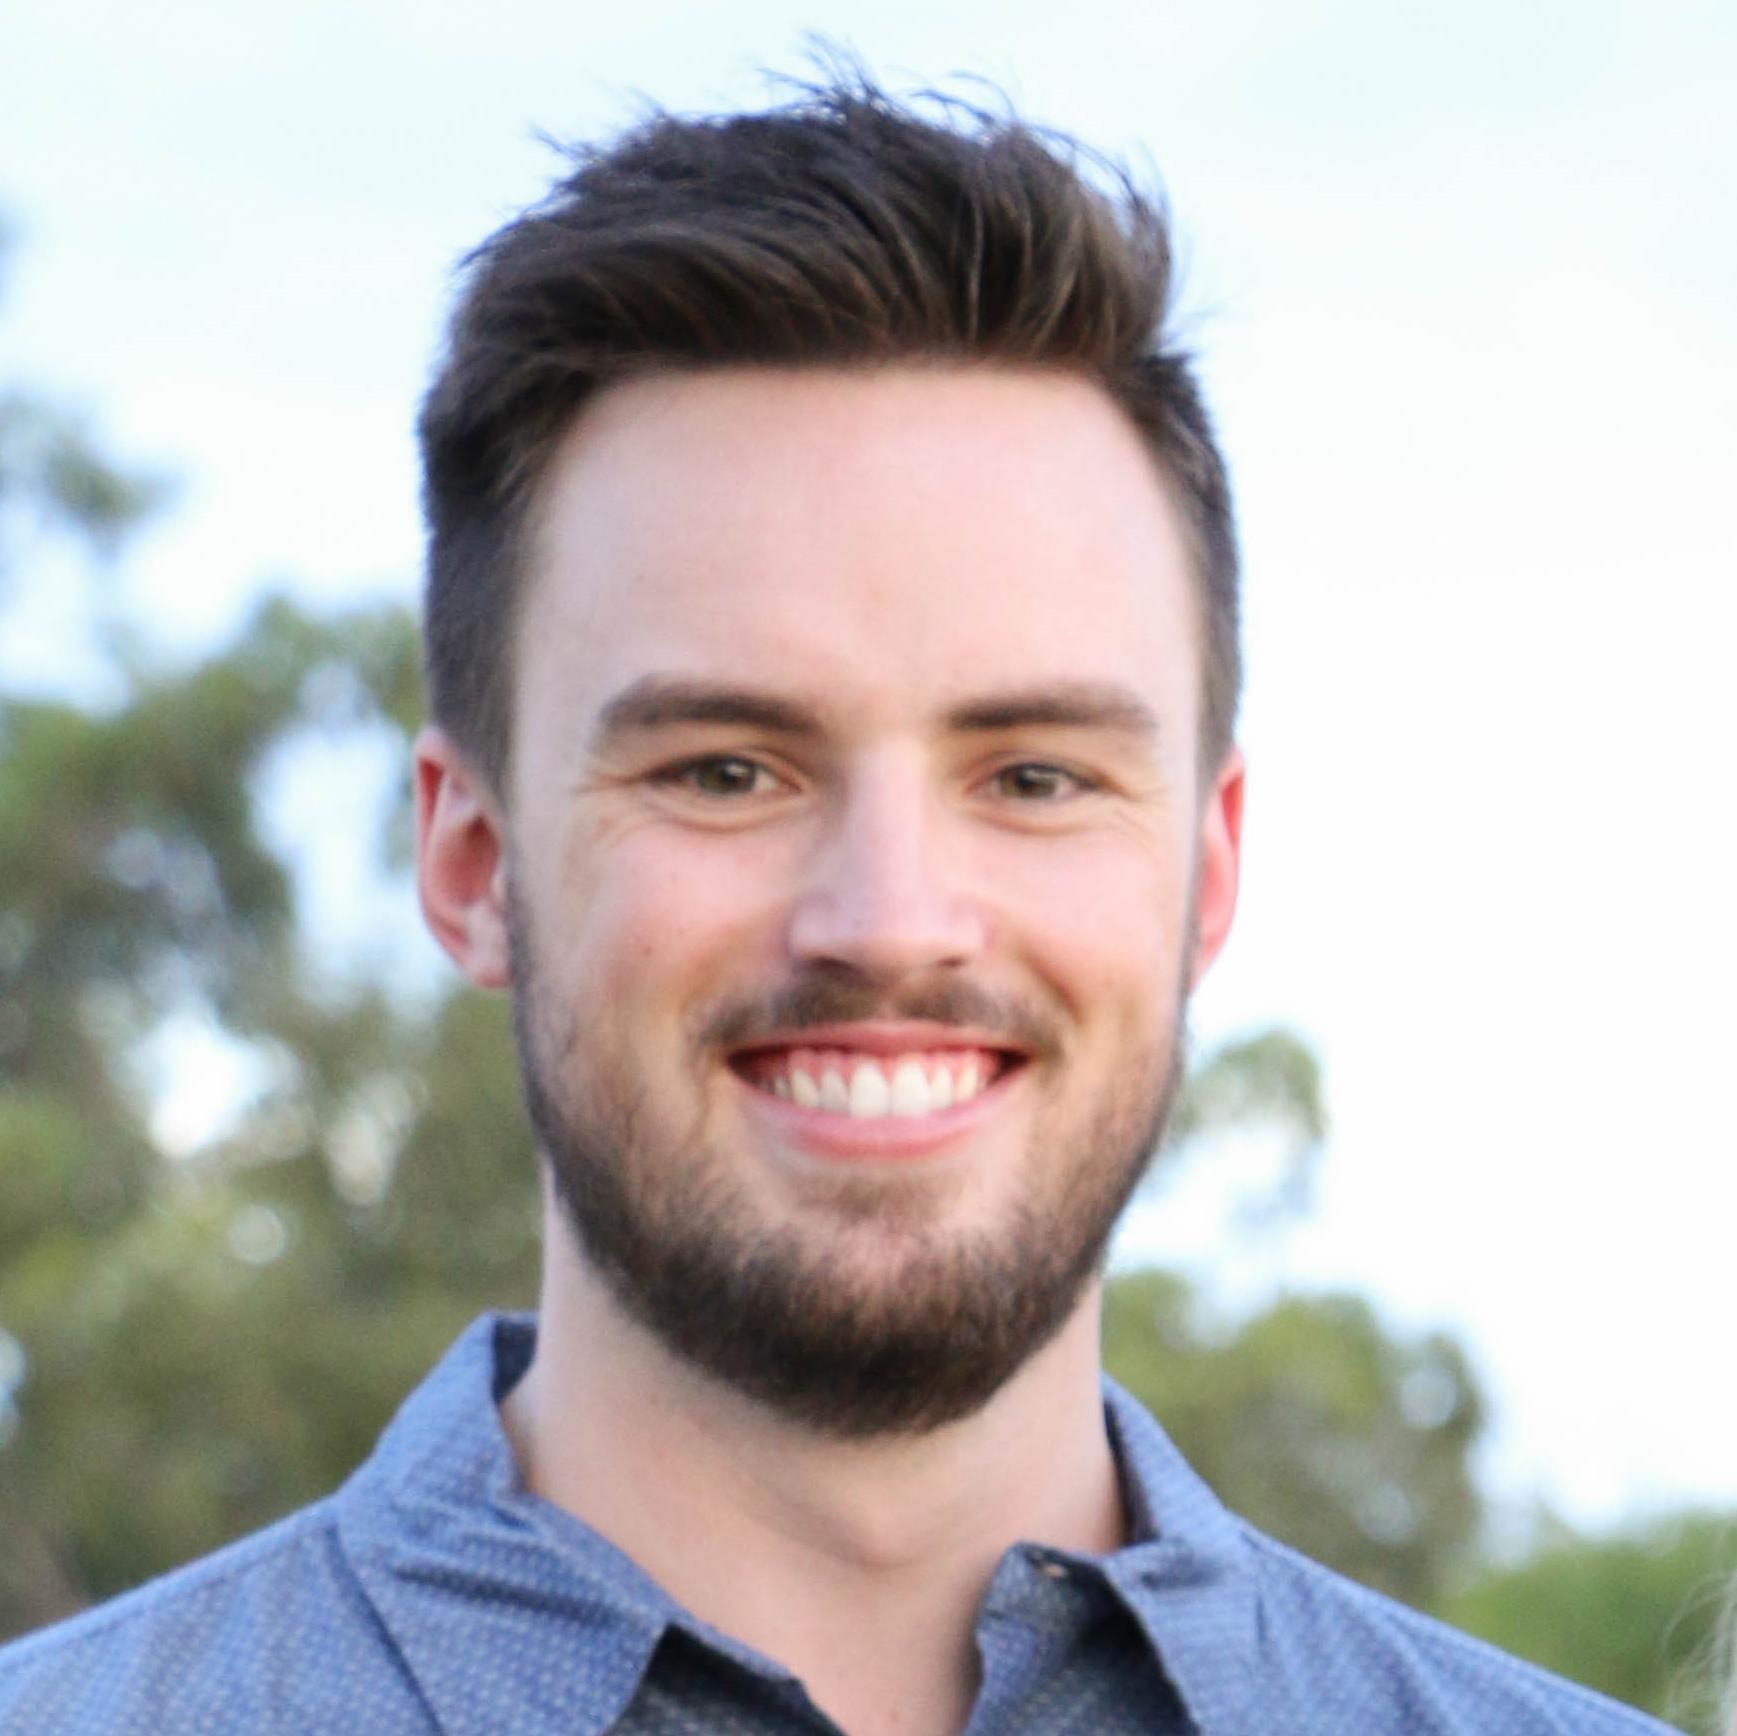 Josh Blieschke